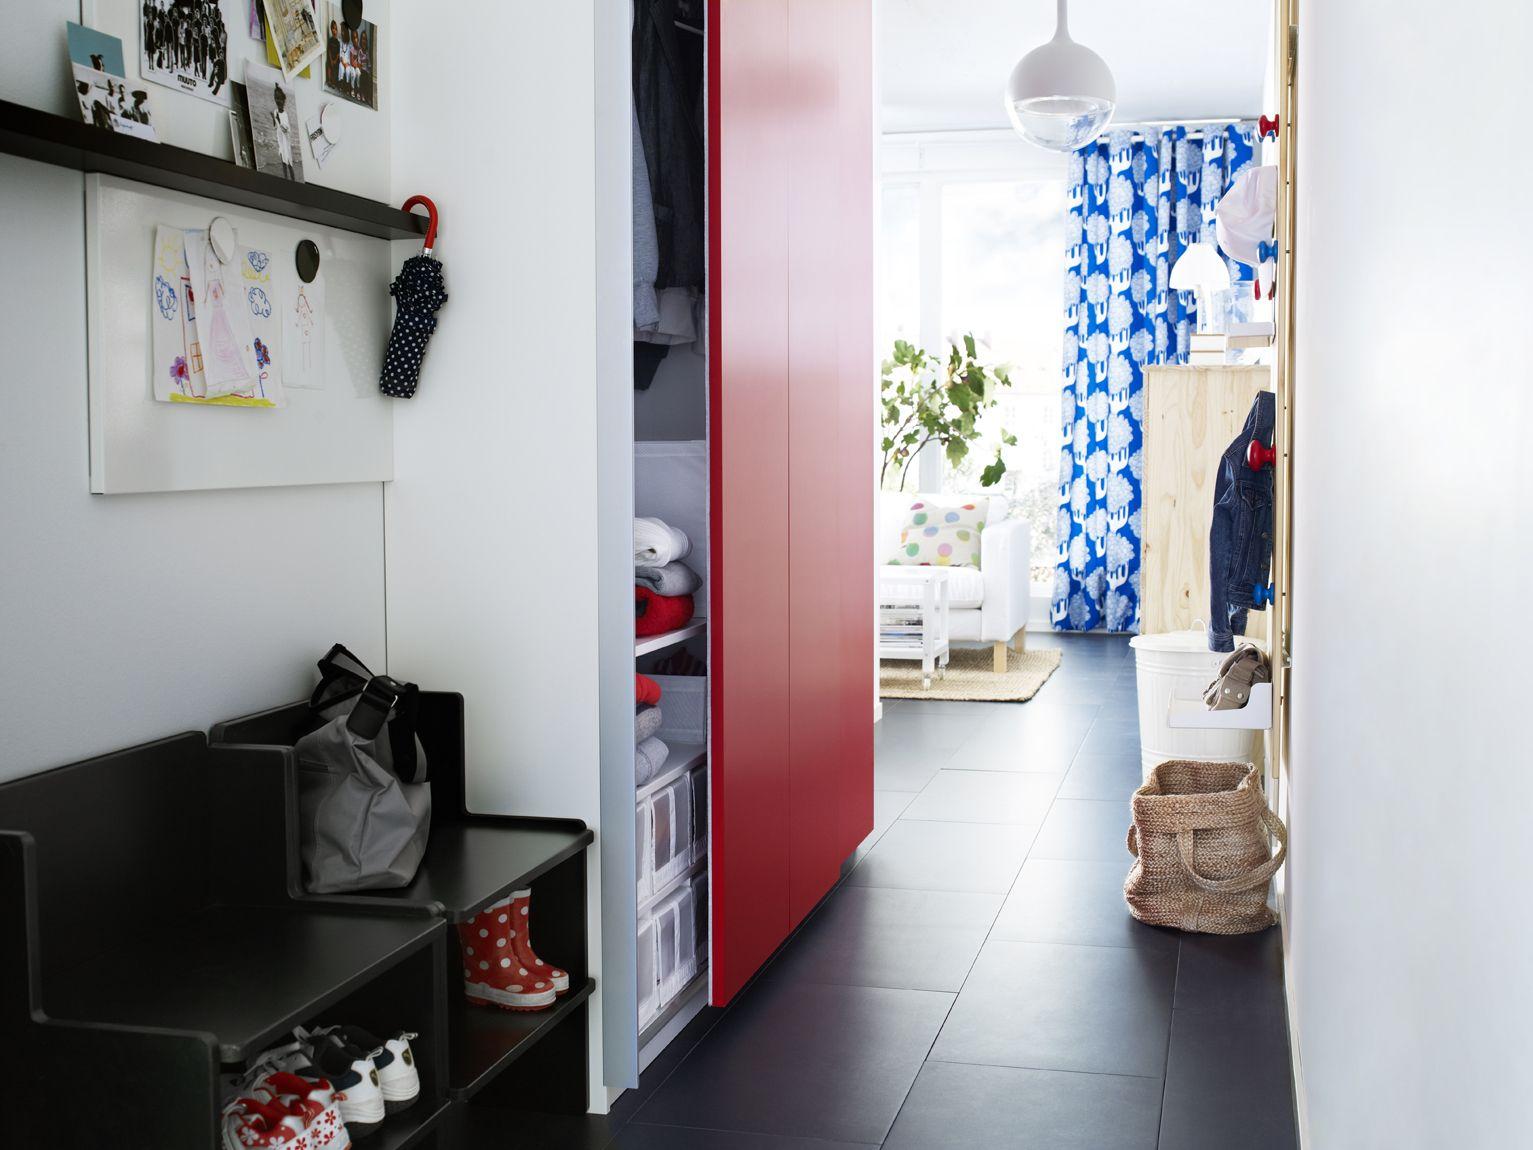 IKEA Österreich, Inspiration, Schlafzimmer, Schiebetür PAX HASVIK,  Deckenfluter VÄSTER, Sofa KARLSTAD